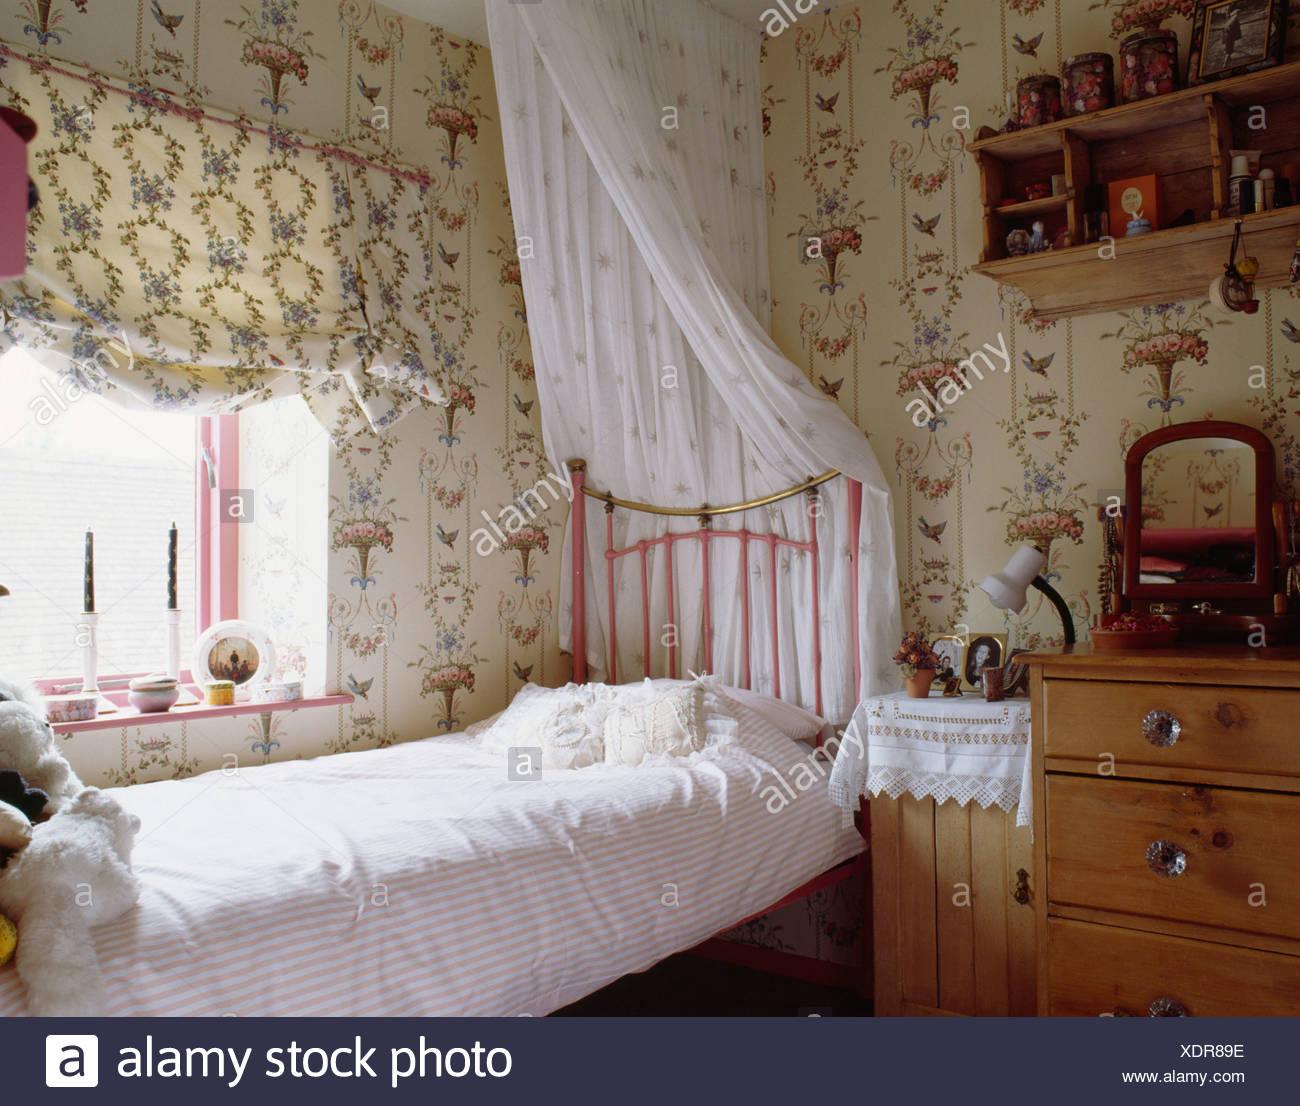 Mustertapeten Und Blind In Teenager M Dchen Schlafzimmer Mit Wei En